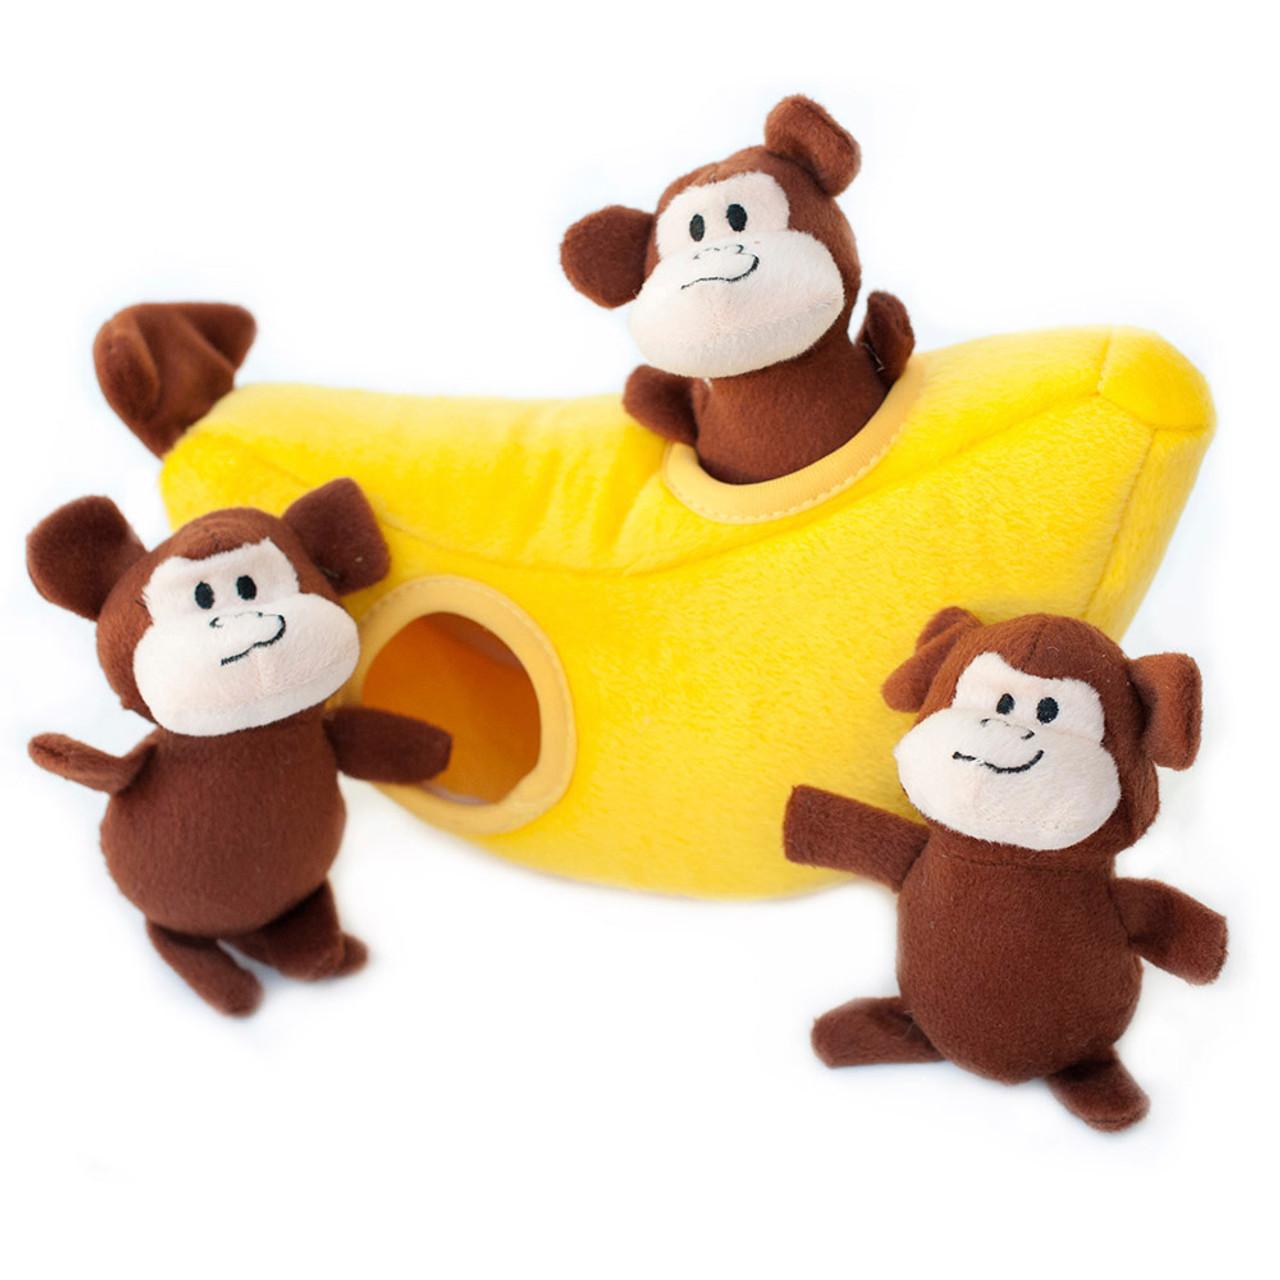 ZippyPaws Zippy Burrow Monkey 'n Banana Plush Puzzle Dog Toy